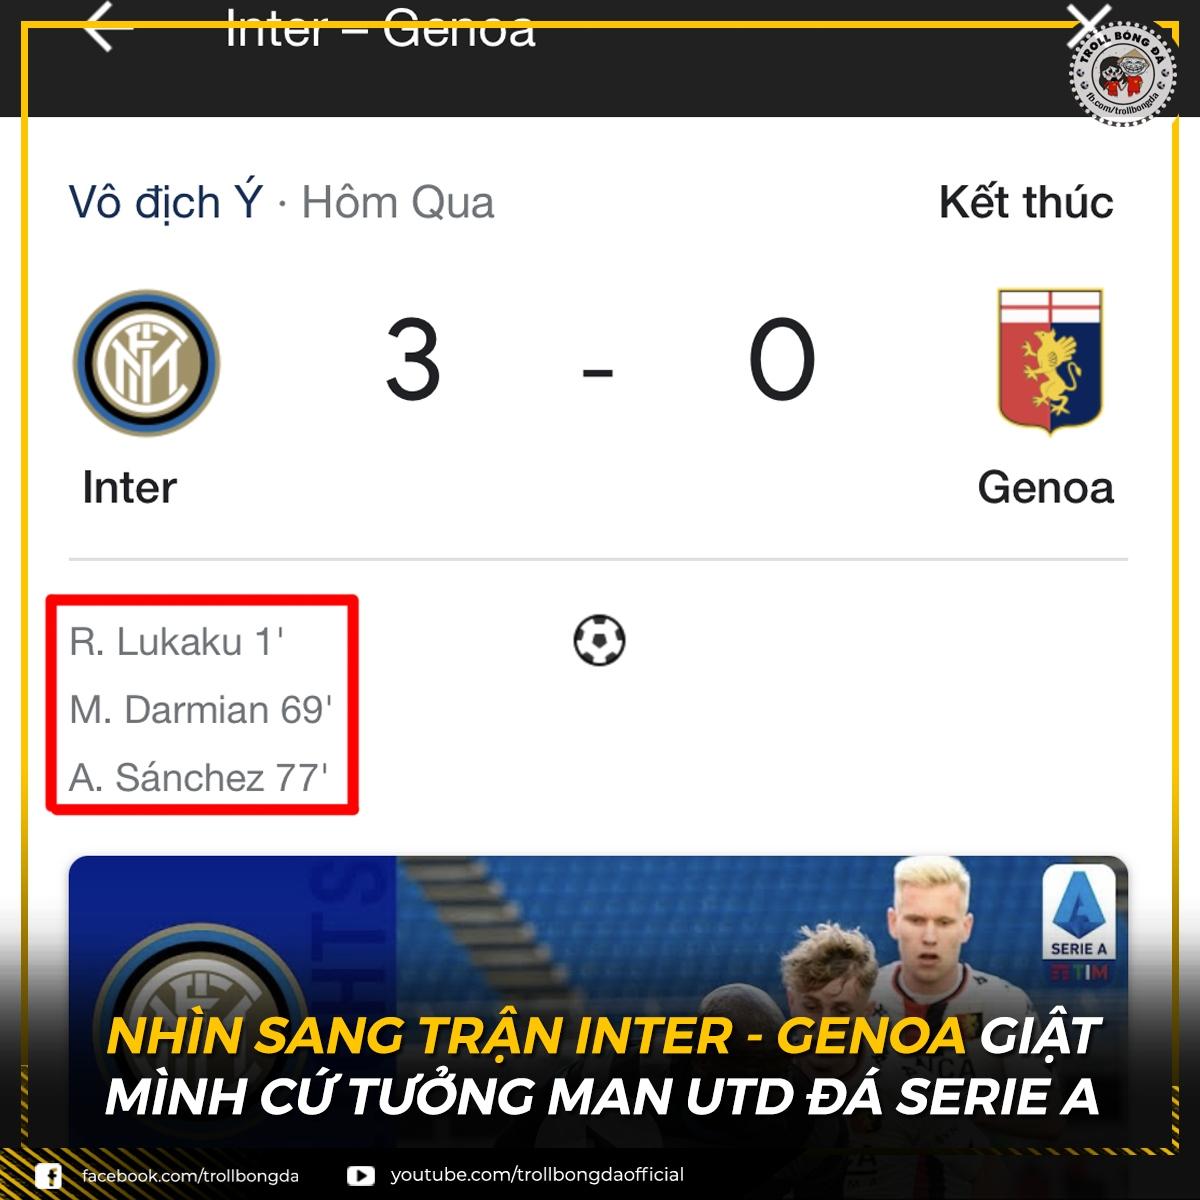 Người cũ của MU tỏa sáng ở Inter Milan. (Ảnh: Troll Bóng Đá)